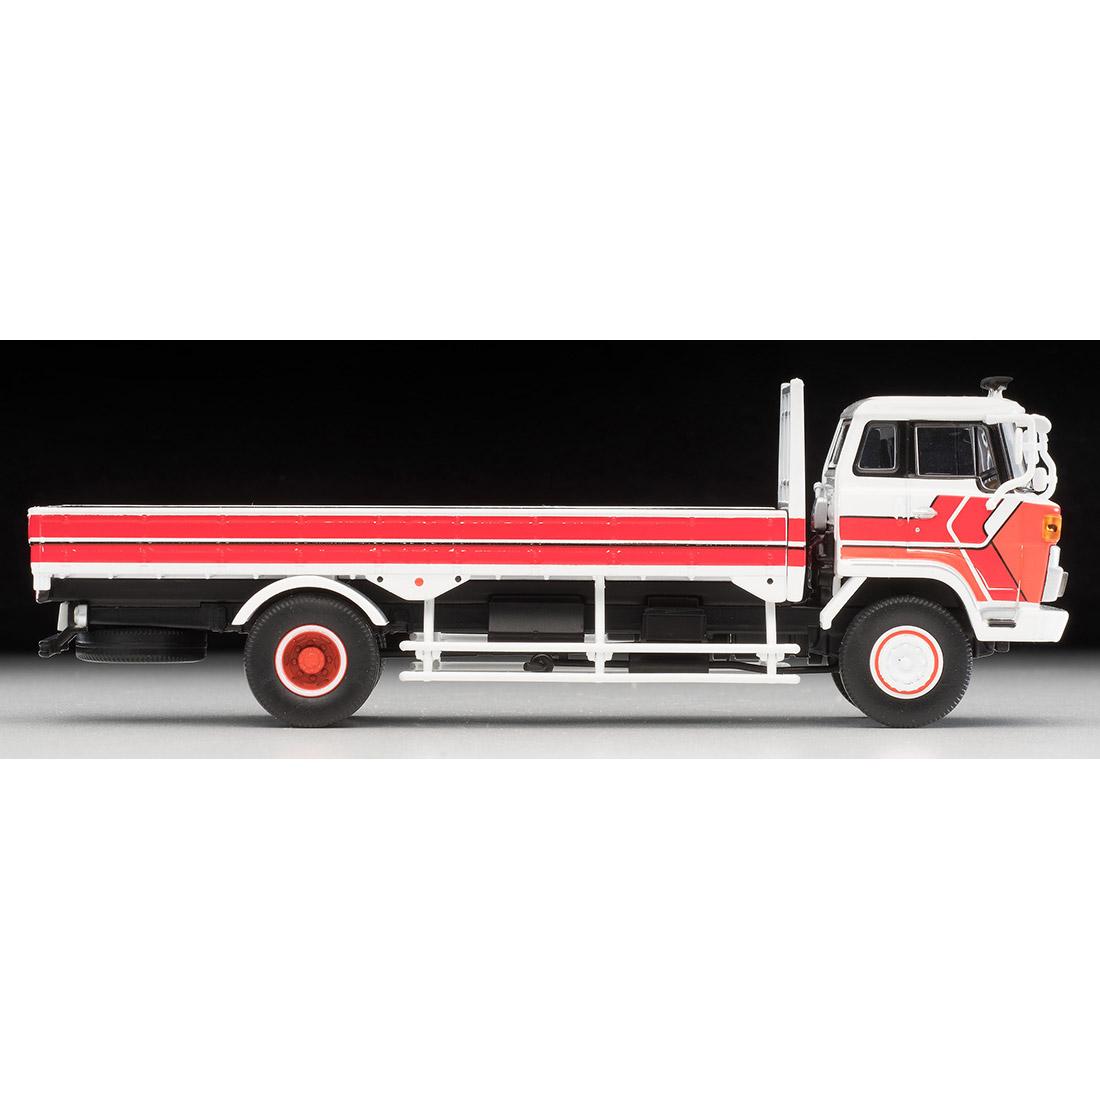 トミカリミテッド ヴィンテージ ネオ TLV-NEO『LV-N44d 日野KB324型トラック(赤/白)』ミニカー-007